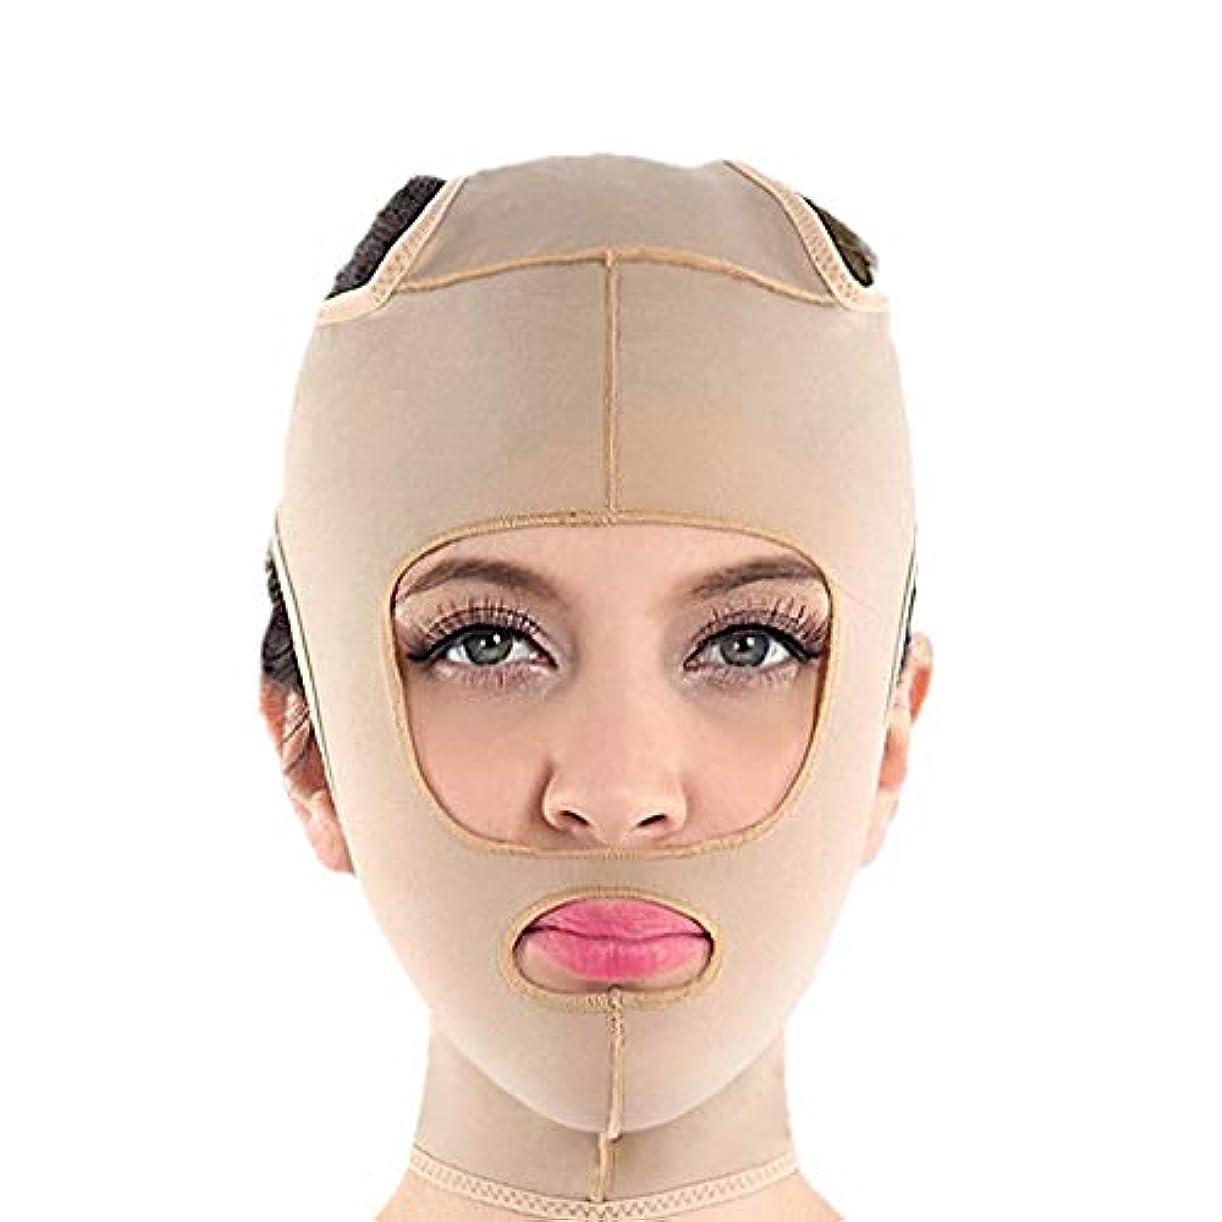 ヘクタール気楽な急性フェイスリフティング、ダブルチンストラップ、フェイシャル減量マスク、ダブルチンを減らすリフティングヌードル、ファーミングフェイス、パワフルリフティングマスク(サイズ:M),ザ?